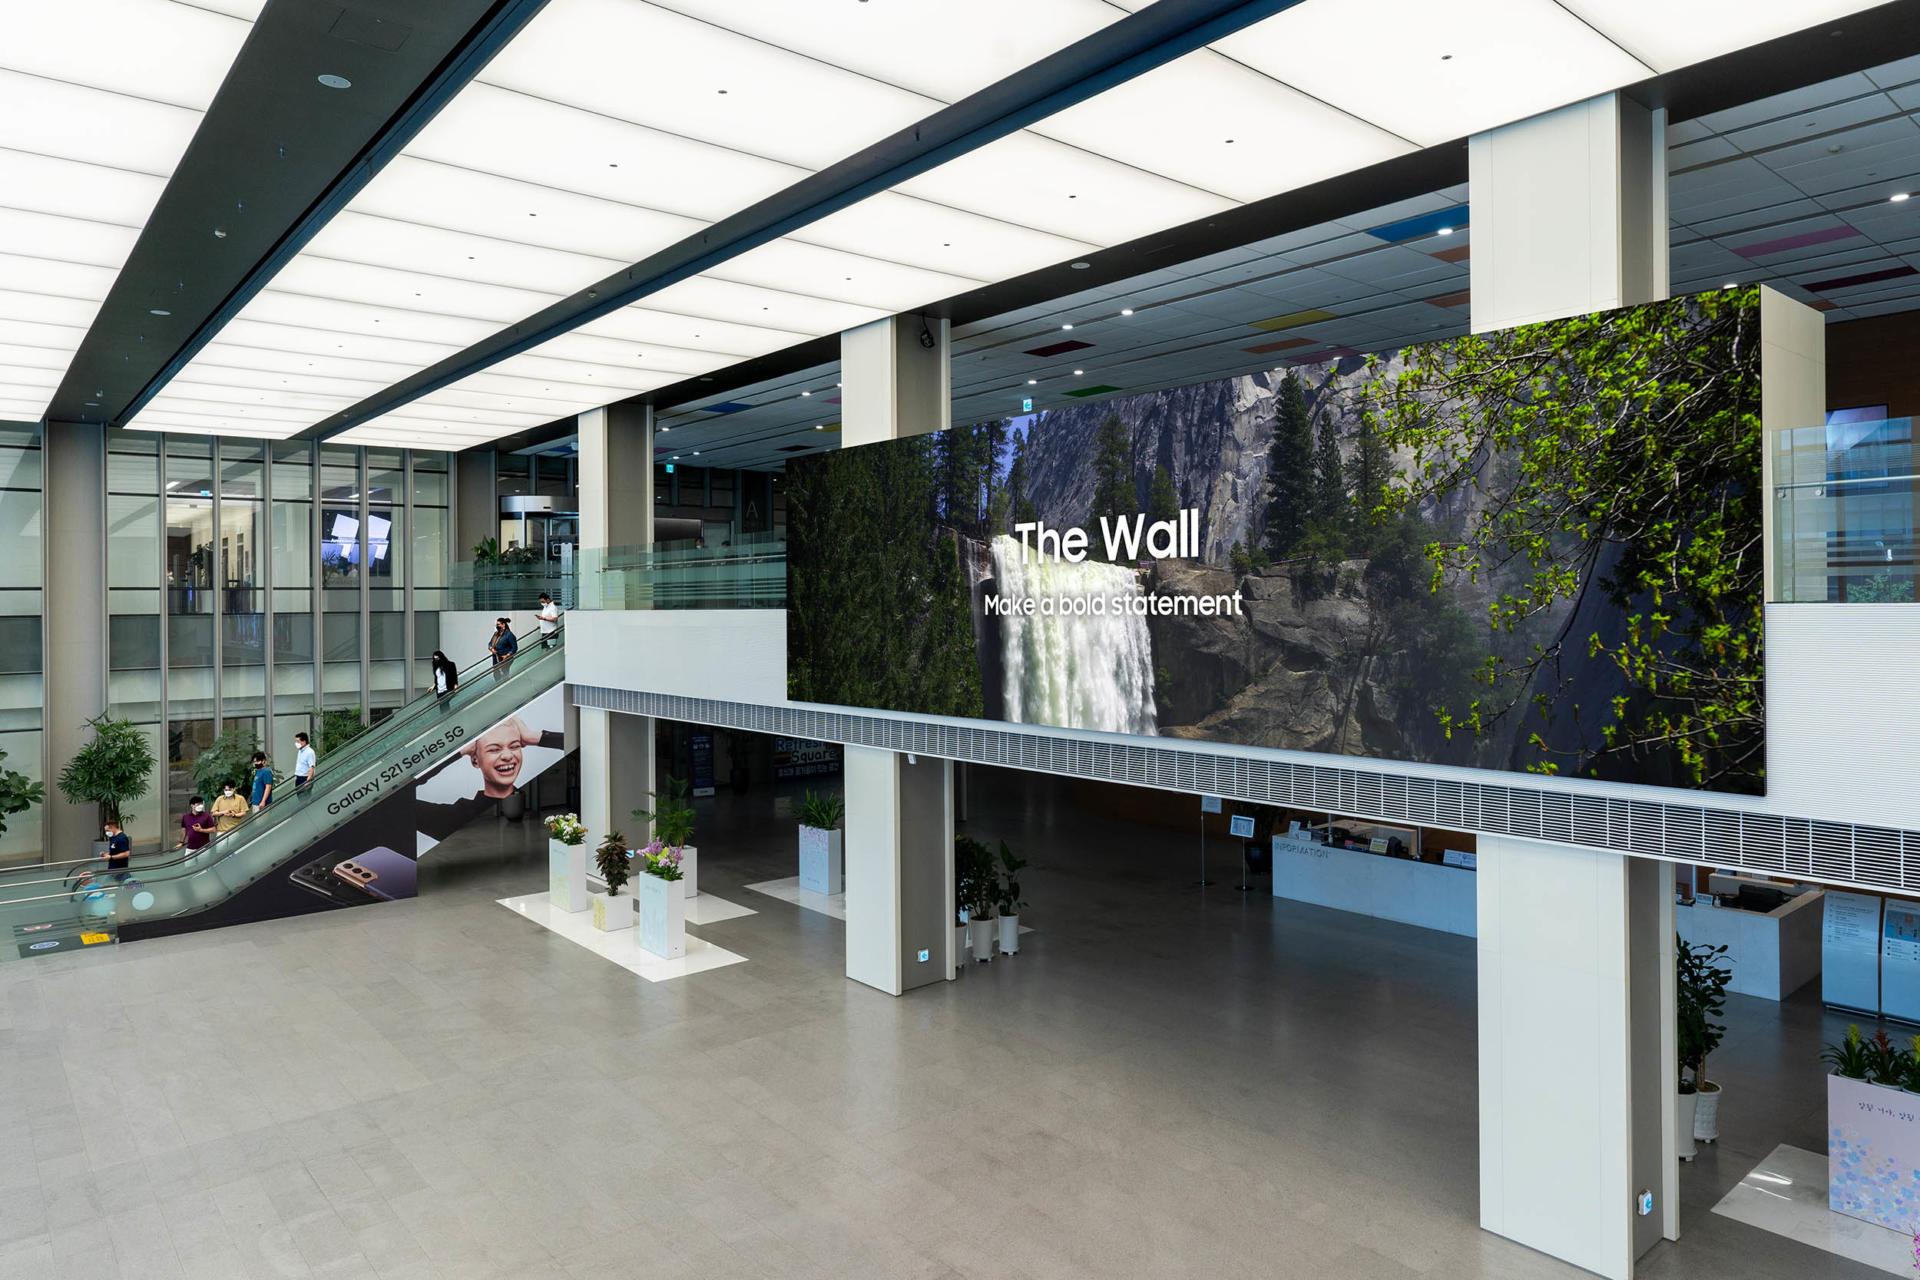 Samsung ra mắt màn hình The Wall 2021 trên toàn cầu